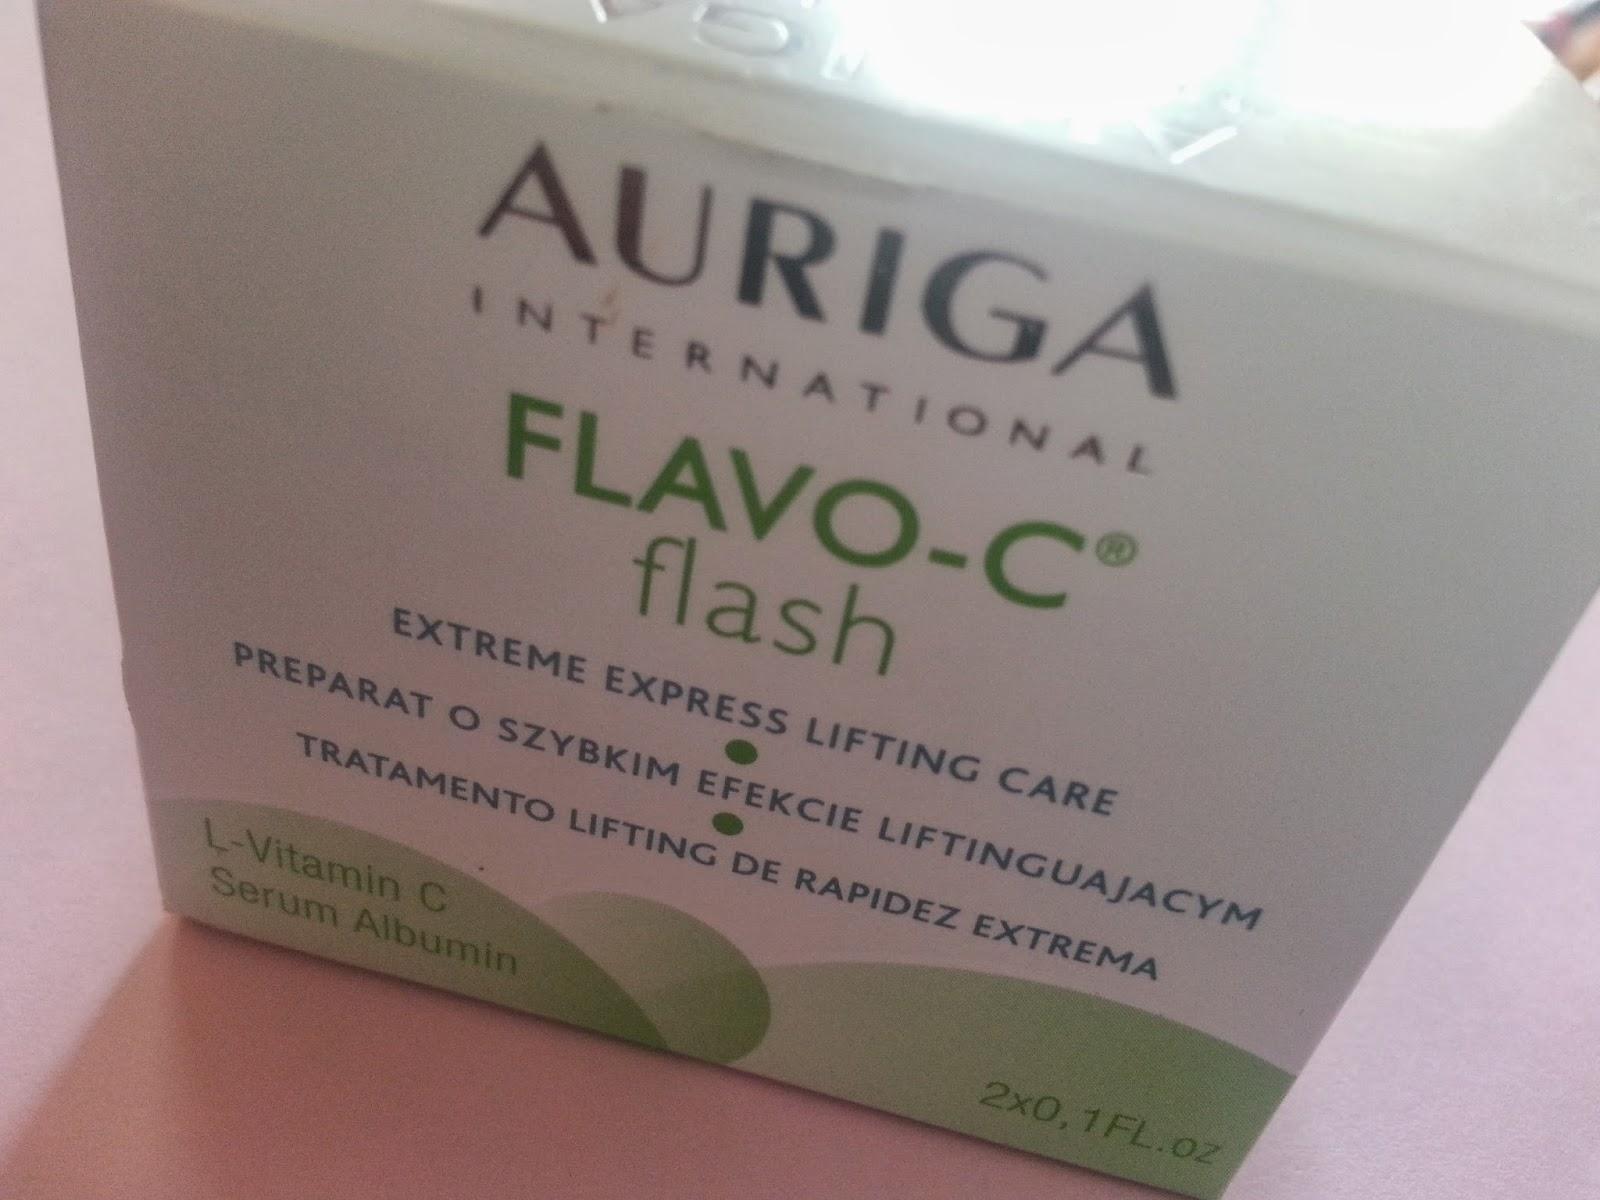 AURIGA FLAVO-C Flash - Serum błyskawicznie liftingujące